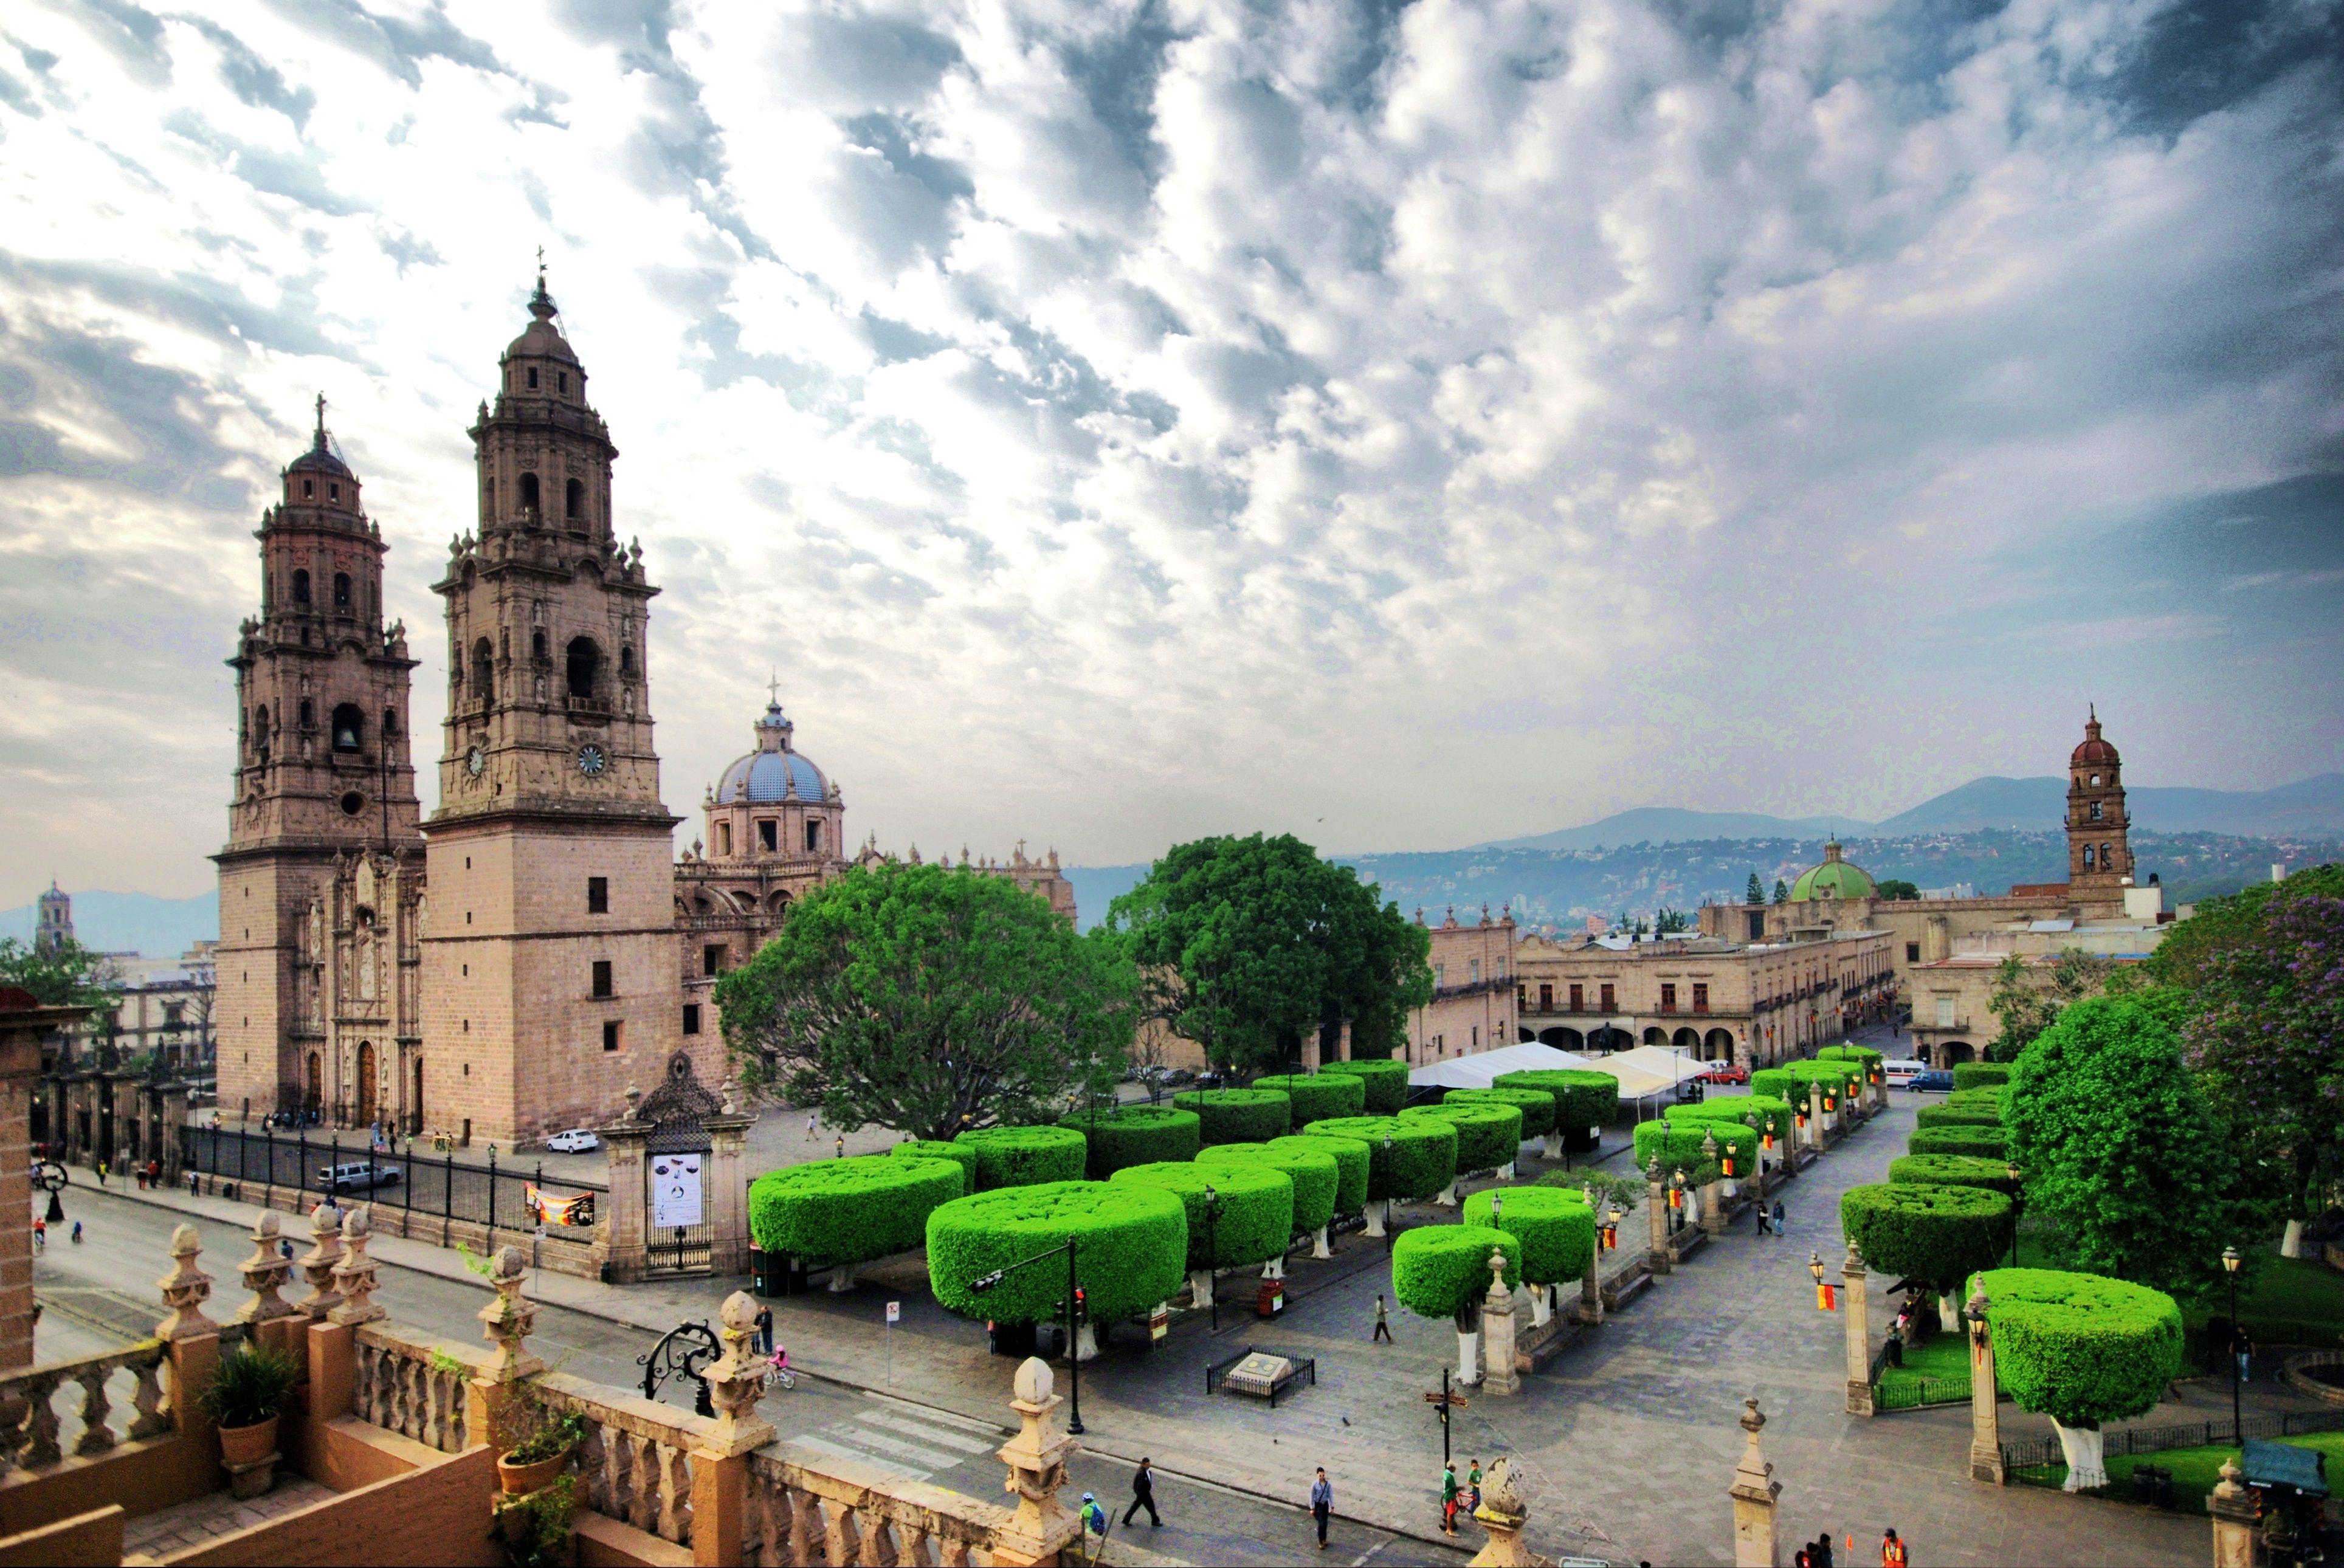 Centro de Morelia, capital del estado de Michoacán